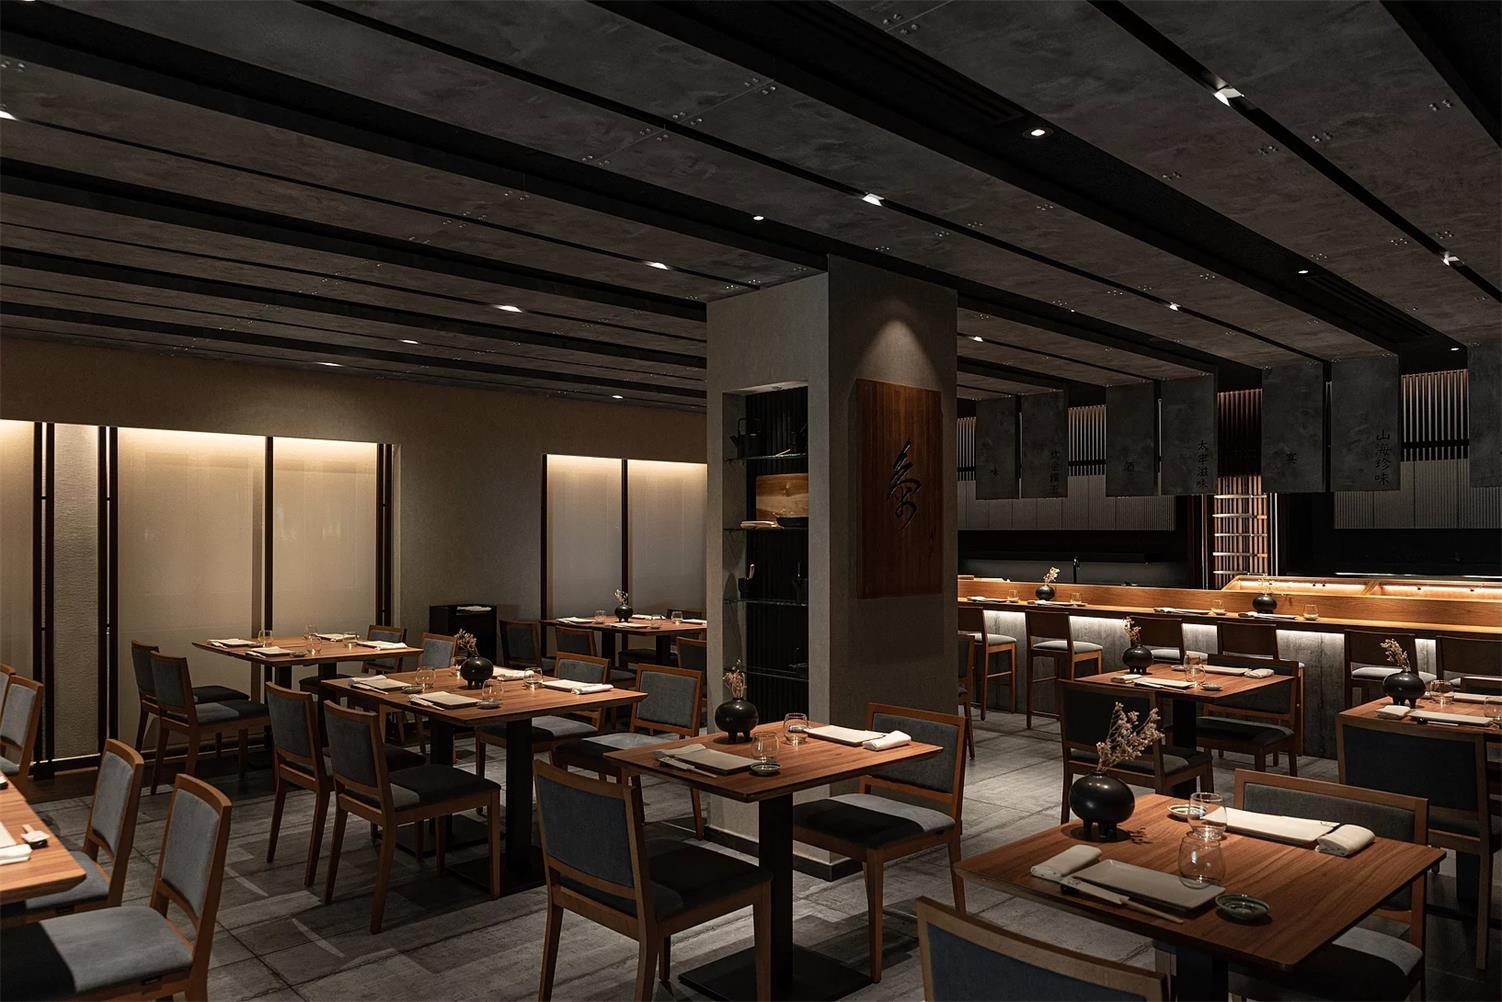 日料店用餐区设计